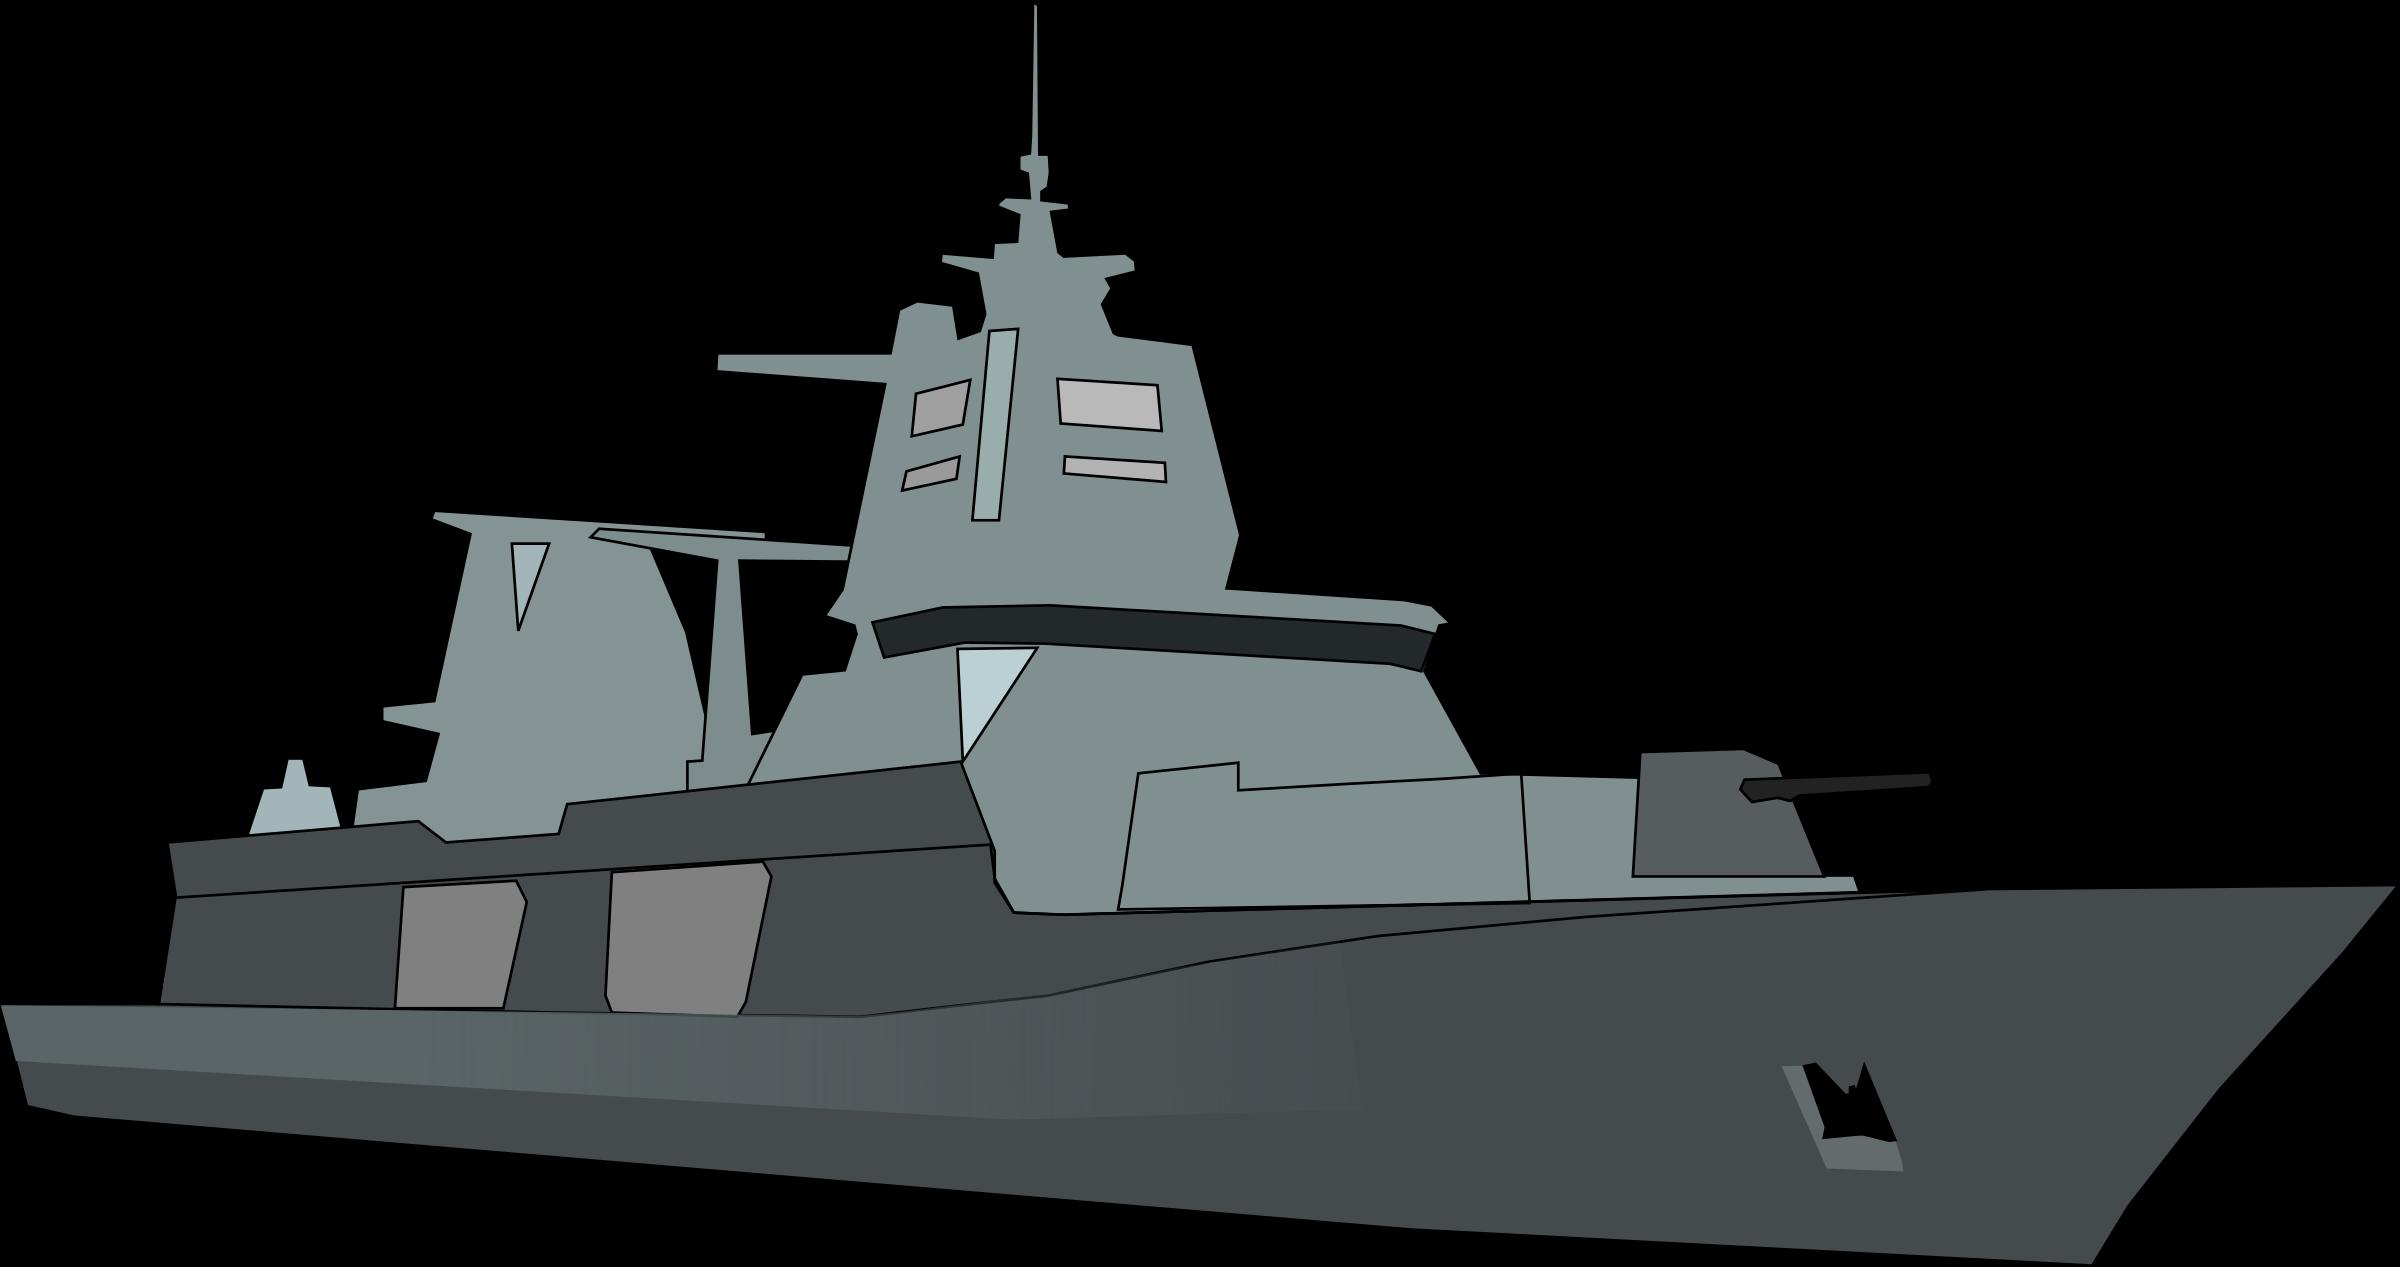 Ship clipart battleship #3